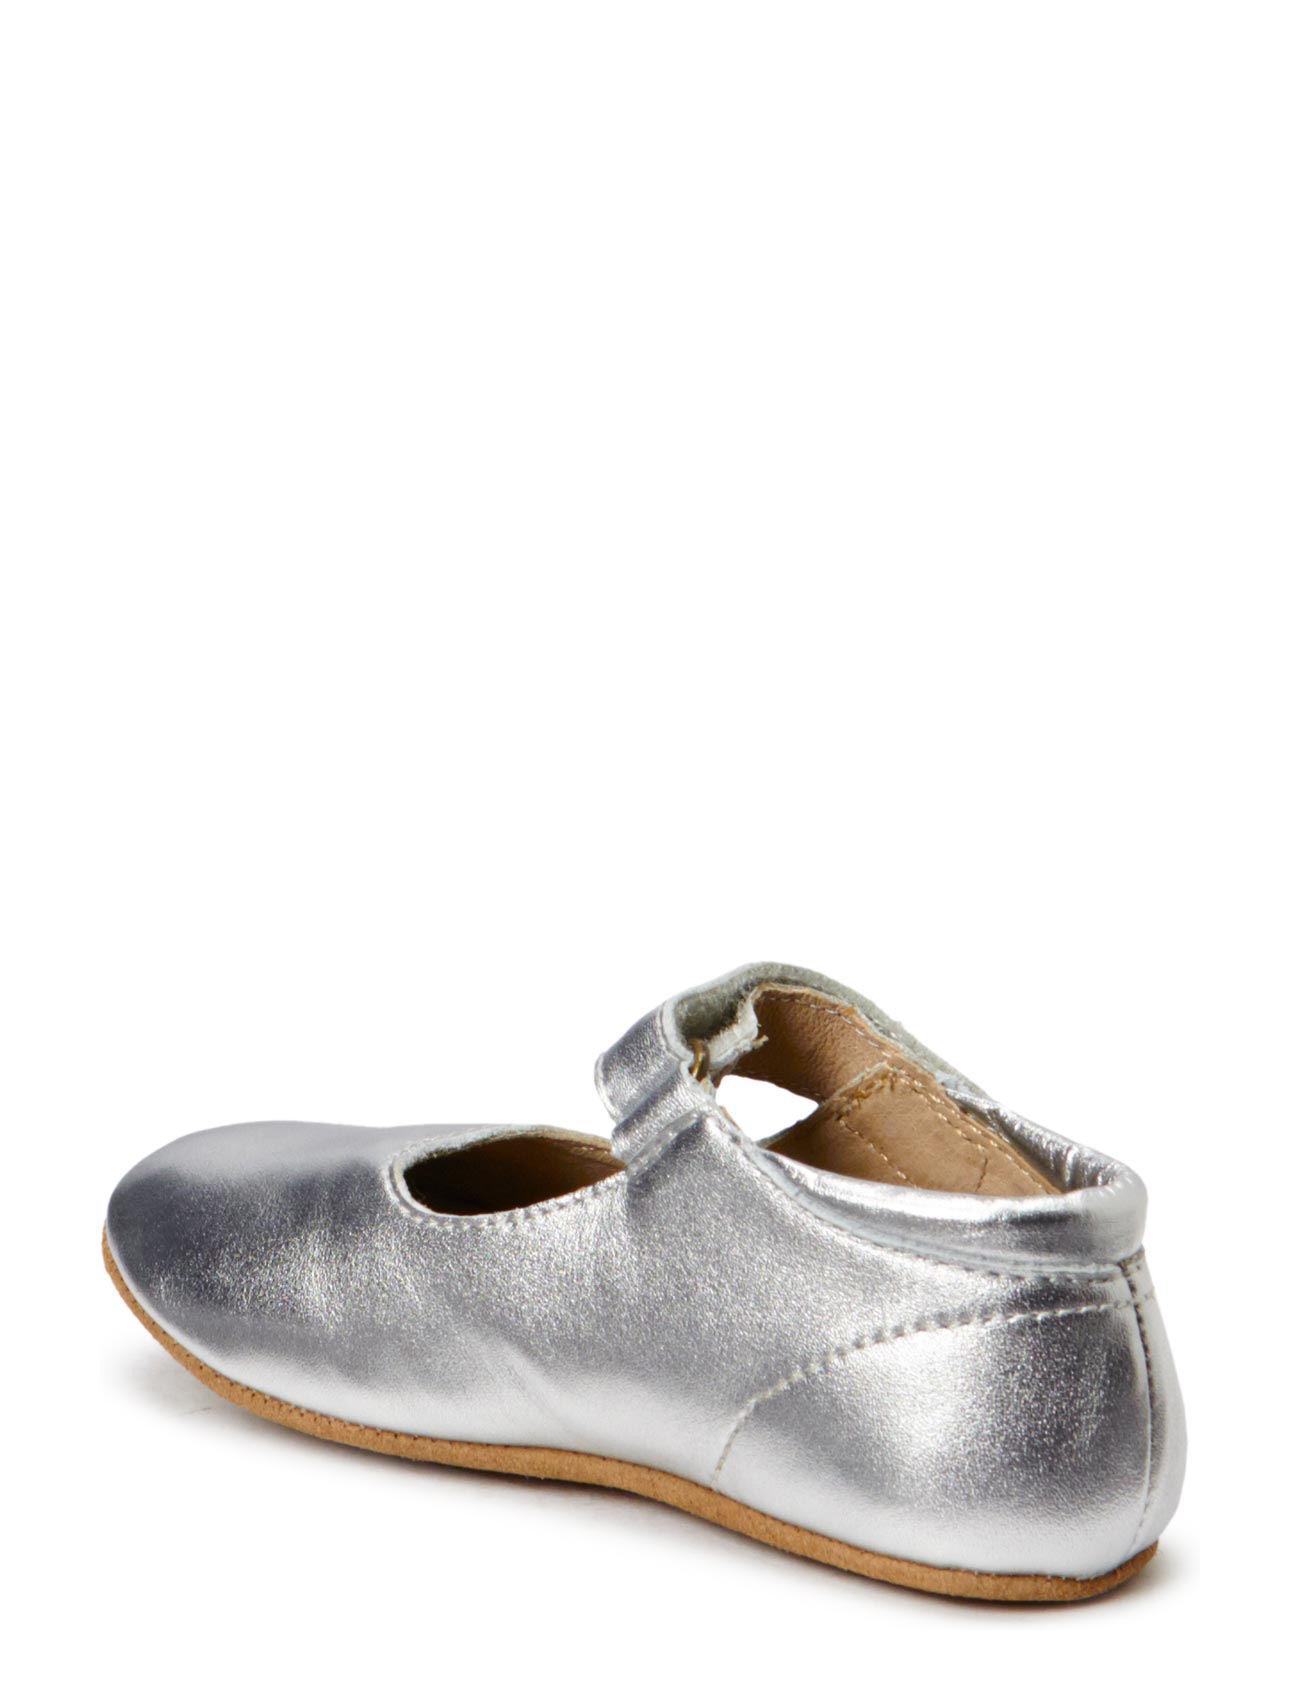 22e0cdefa247 Bisgaard hjemmesko – Slippers Ballerina til børn i 01 SILVER ...